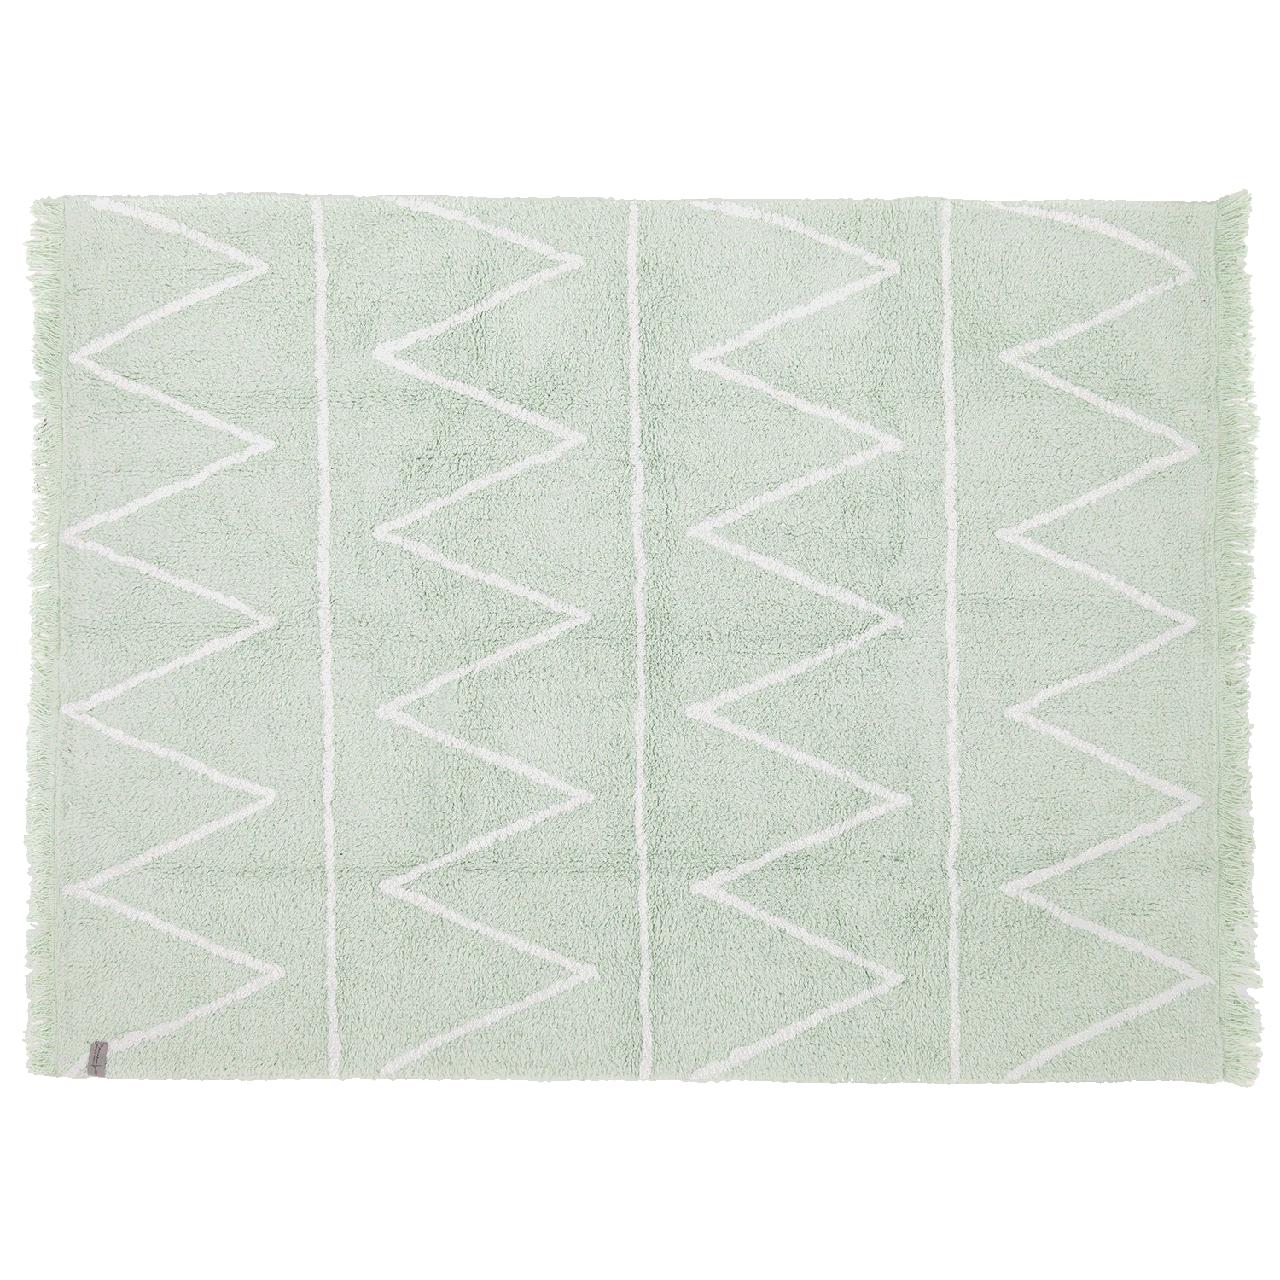 Lorena Canals - Ковер Hippy mint, 120 x 160 см